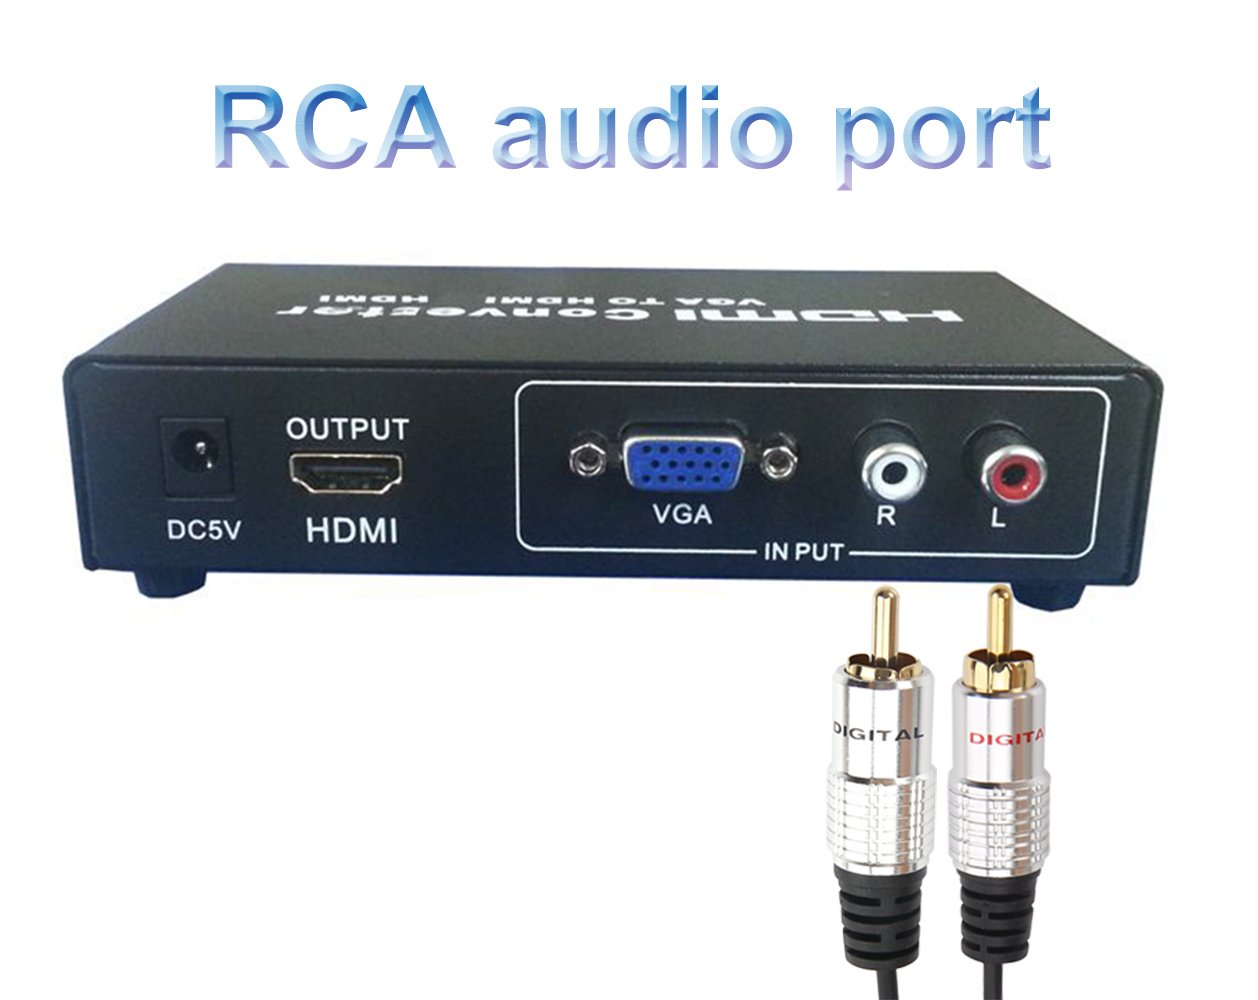 Devinal Cavo audio RCA maschio//maschio da 3,5 mm convertitore spina jack ausiliario per cuffie stereo a sinistra//destra 2/cavi RCA placcato oro e adattatore Y splitter 5 m